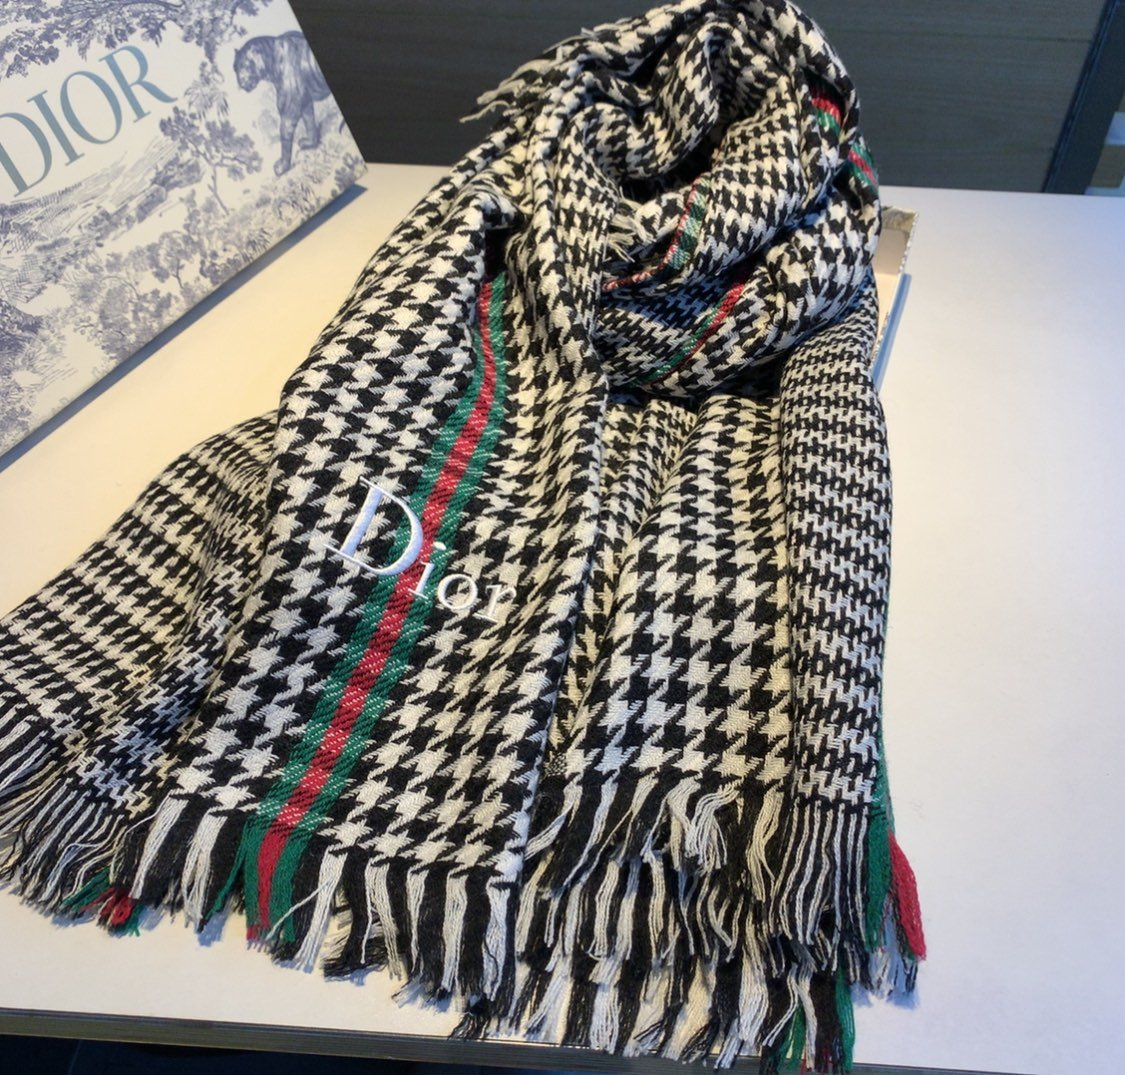 迪奥Dior明星同款千鸟格围巾潮流新